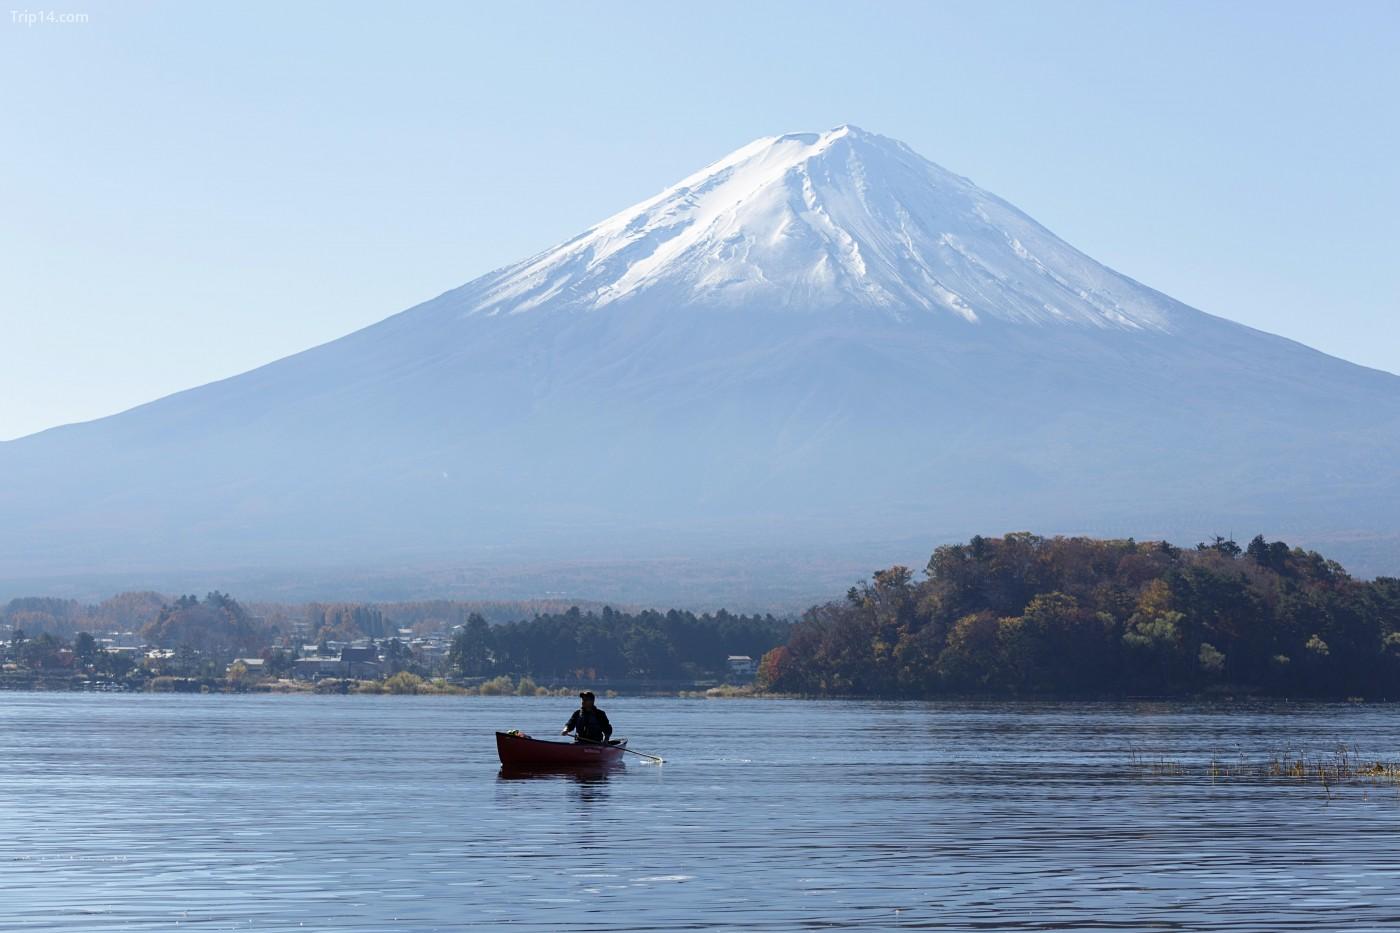 Ngoài việc là một ngọn núi linh thiêng, núi Phú Sĩ đã truyền cảm hứng cho các nghệ sĩ trong suốt nhiều thế kỷ | © Matjaz Corel / Alamy Kho ảnh